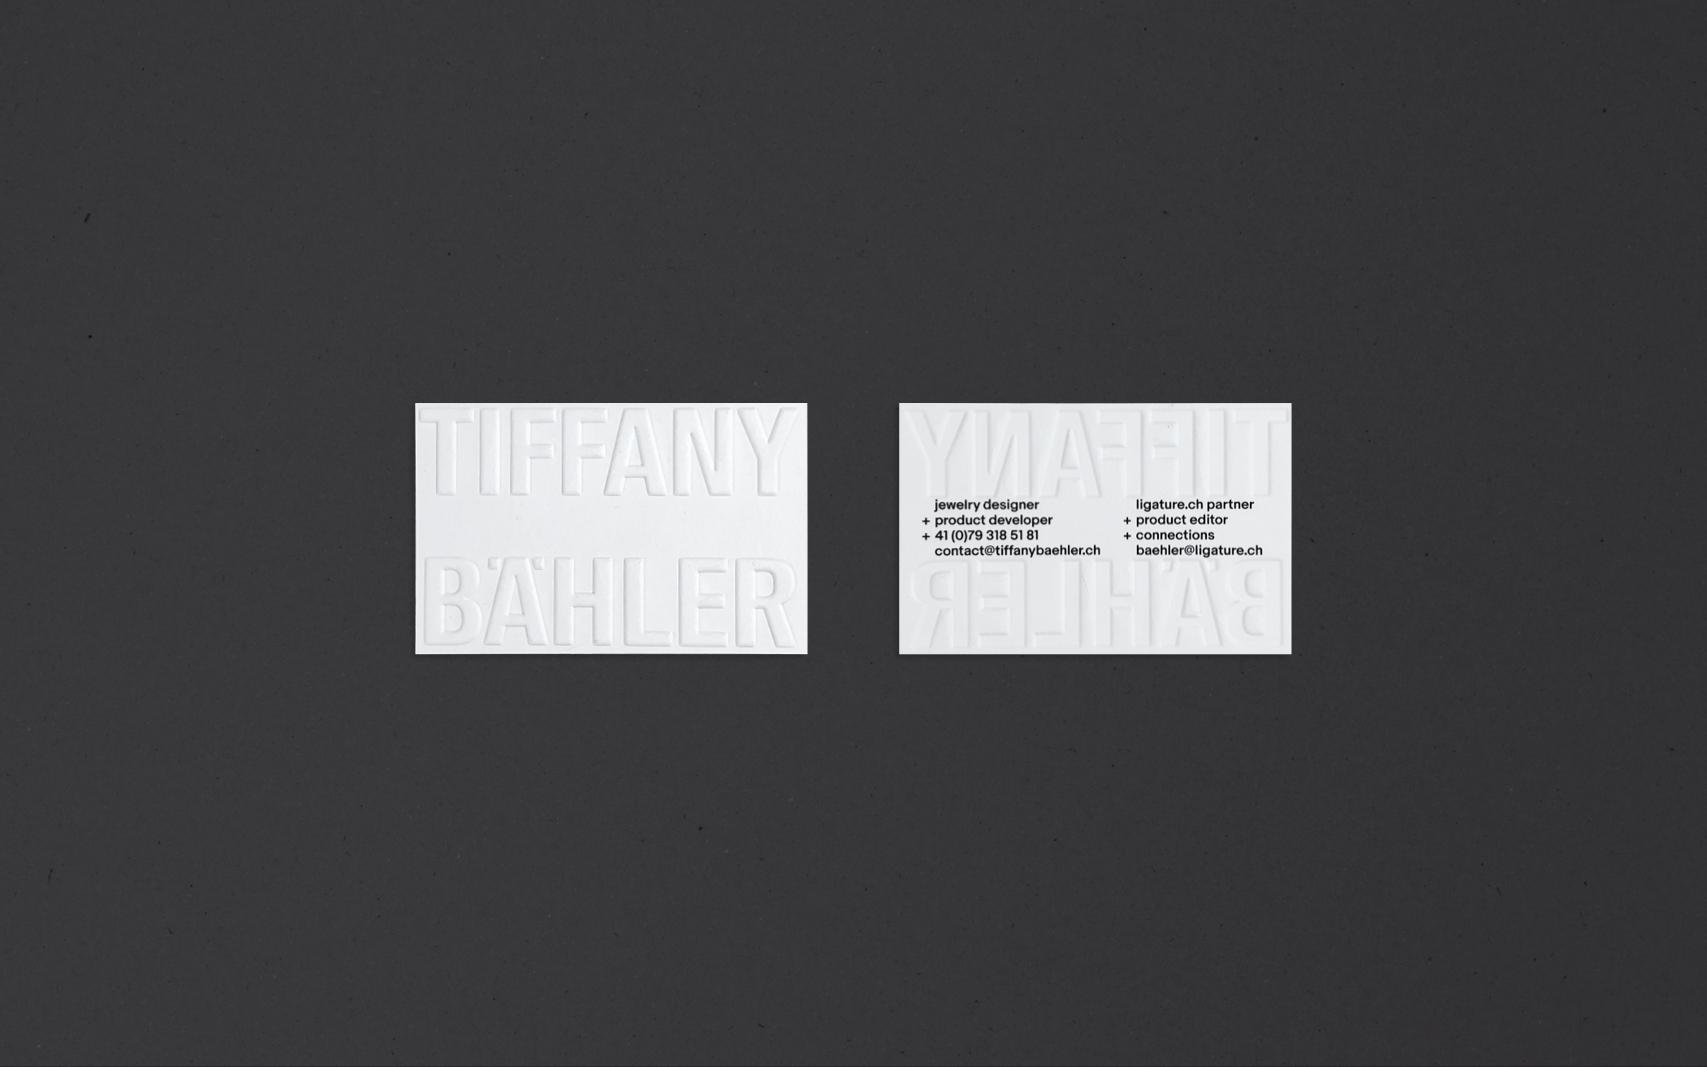 tiffany baehler business card